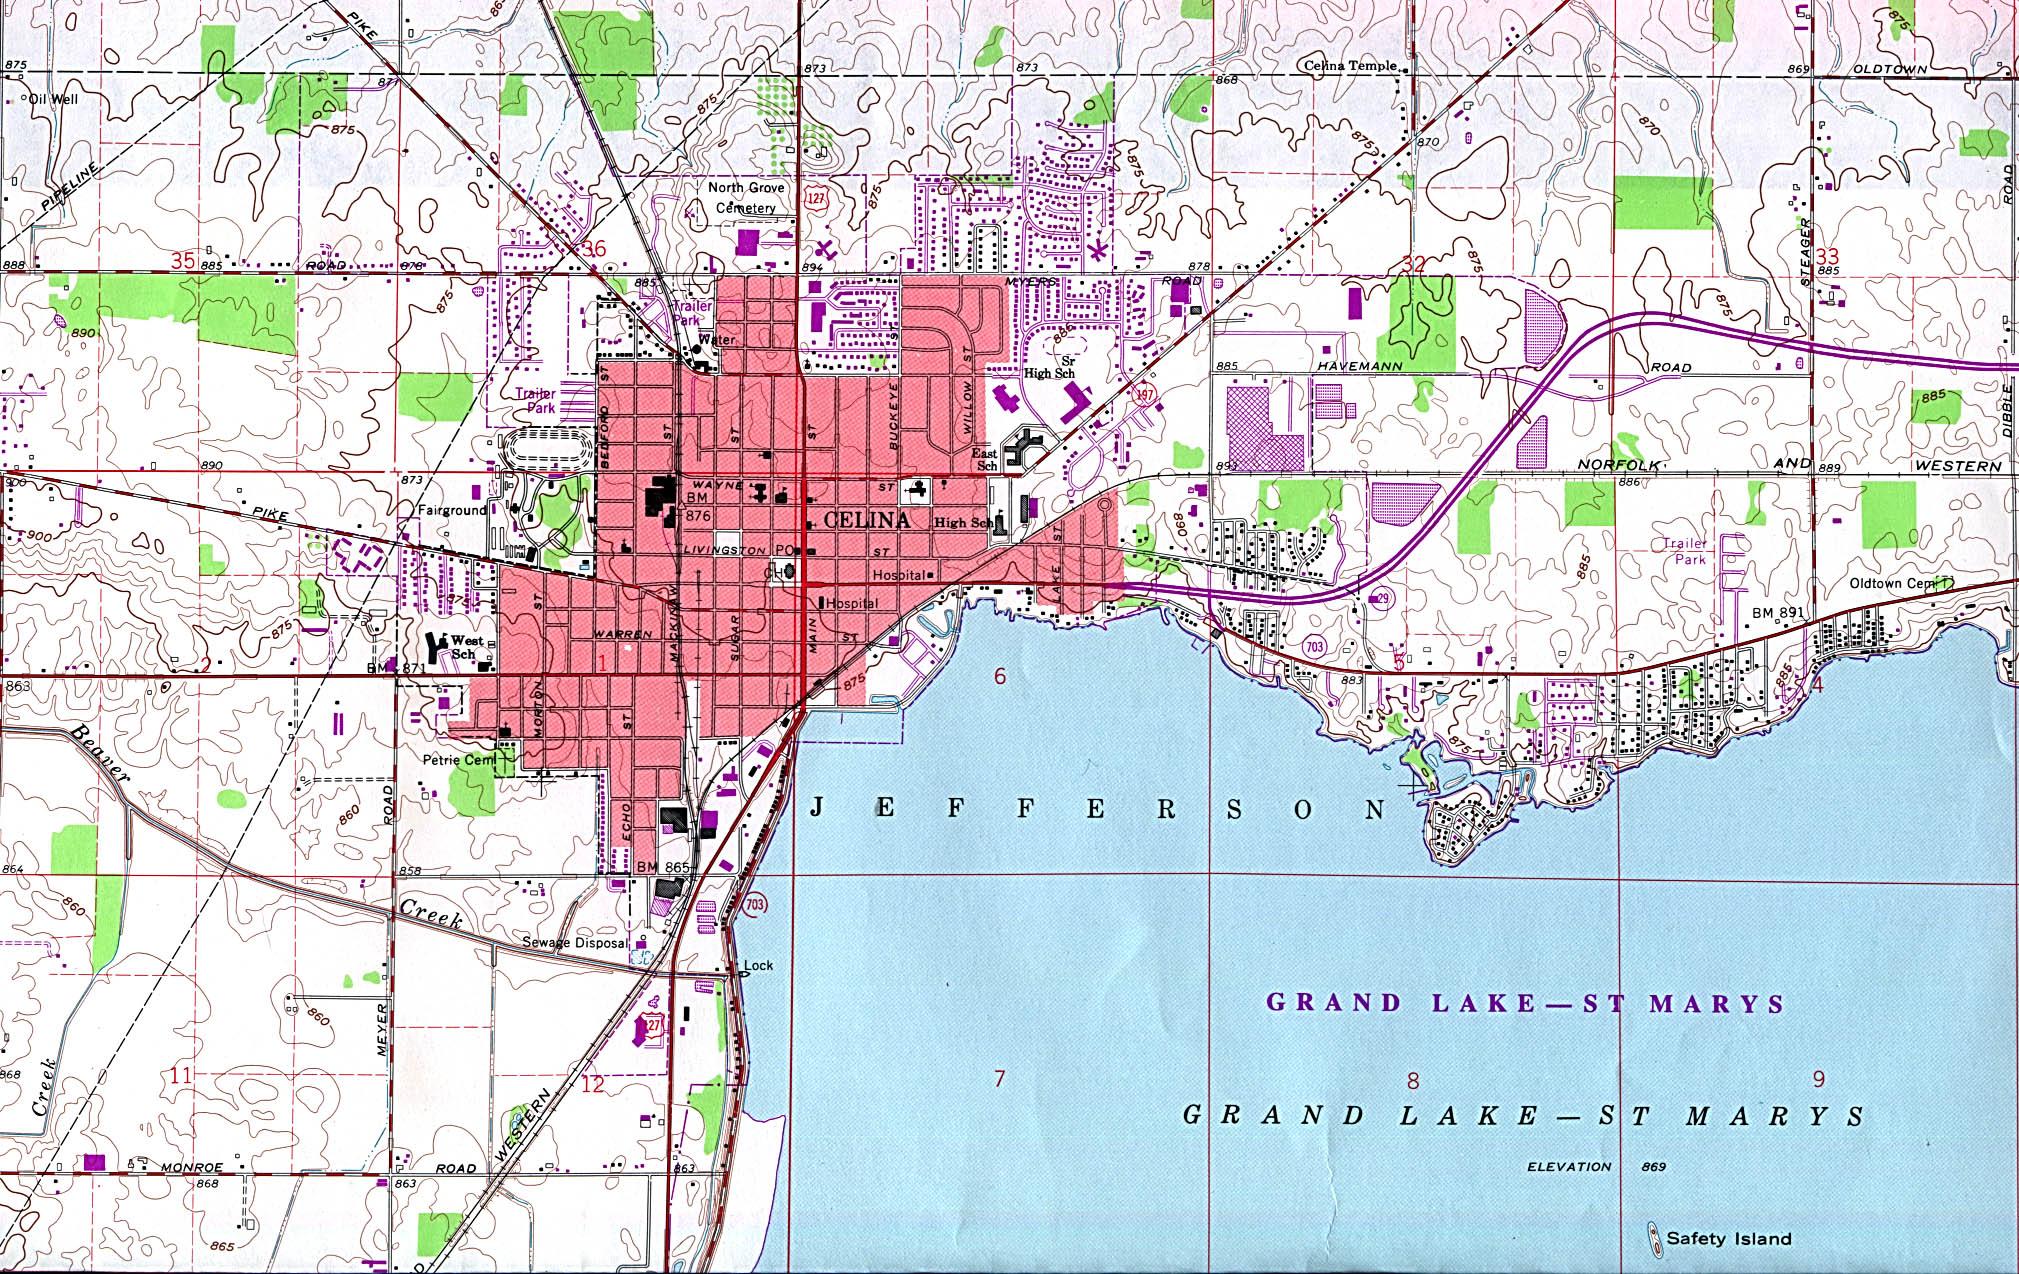 Mapa Topográfico de la Ciudad de Celina, Ohio, Estados Unidos